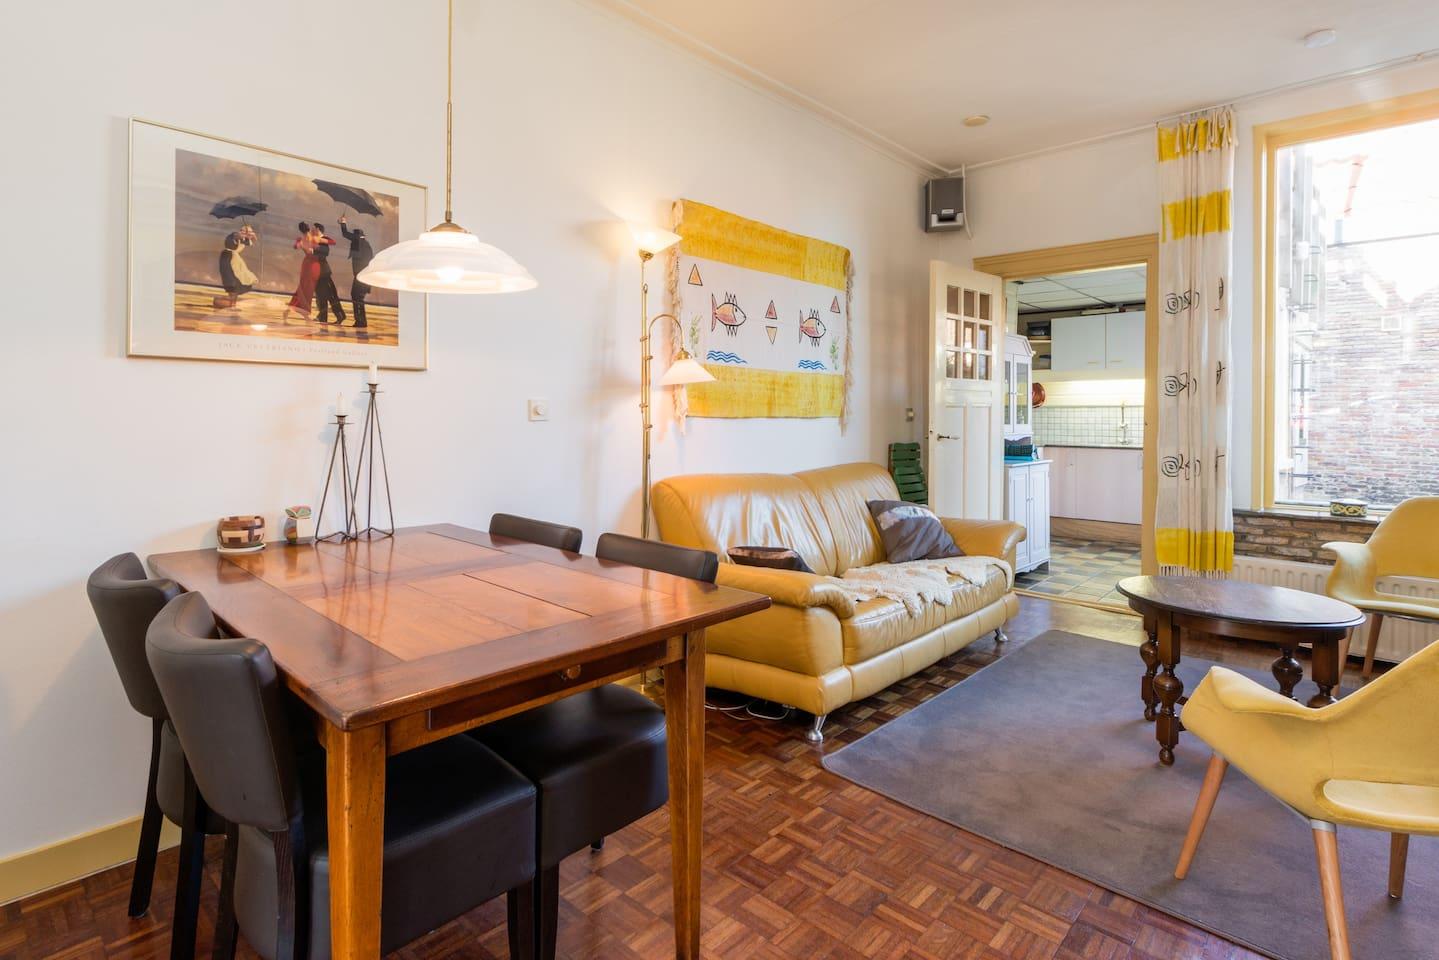 Top 20 vakantiehuizen enkhuizen, vakantiewoningen & appartementen ...